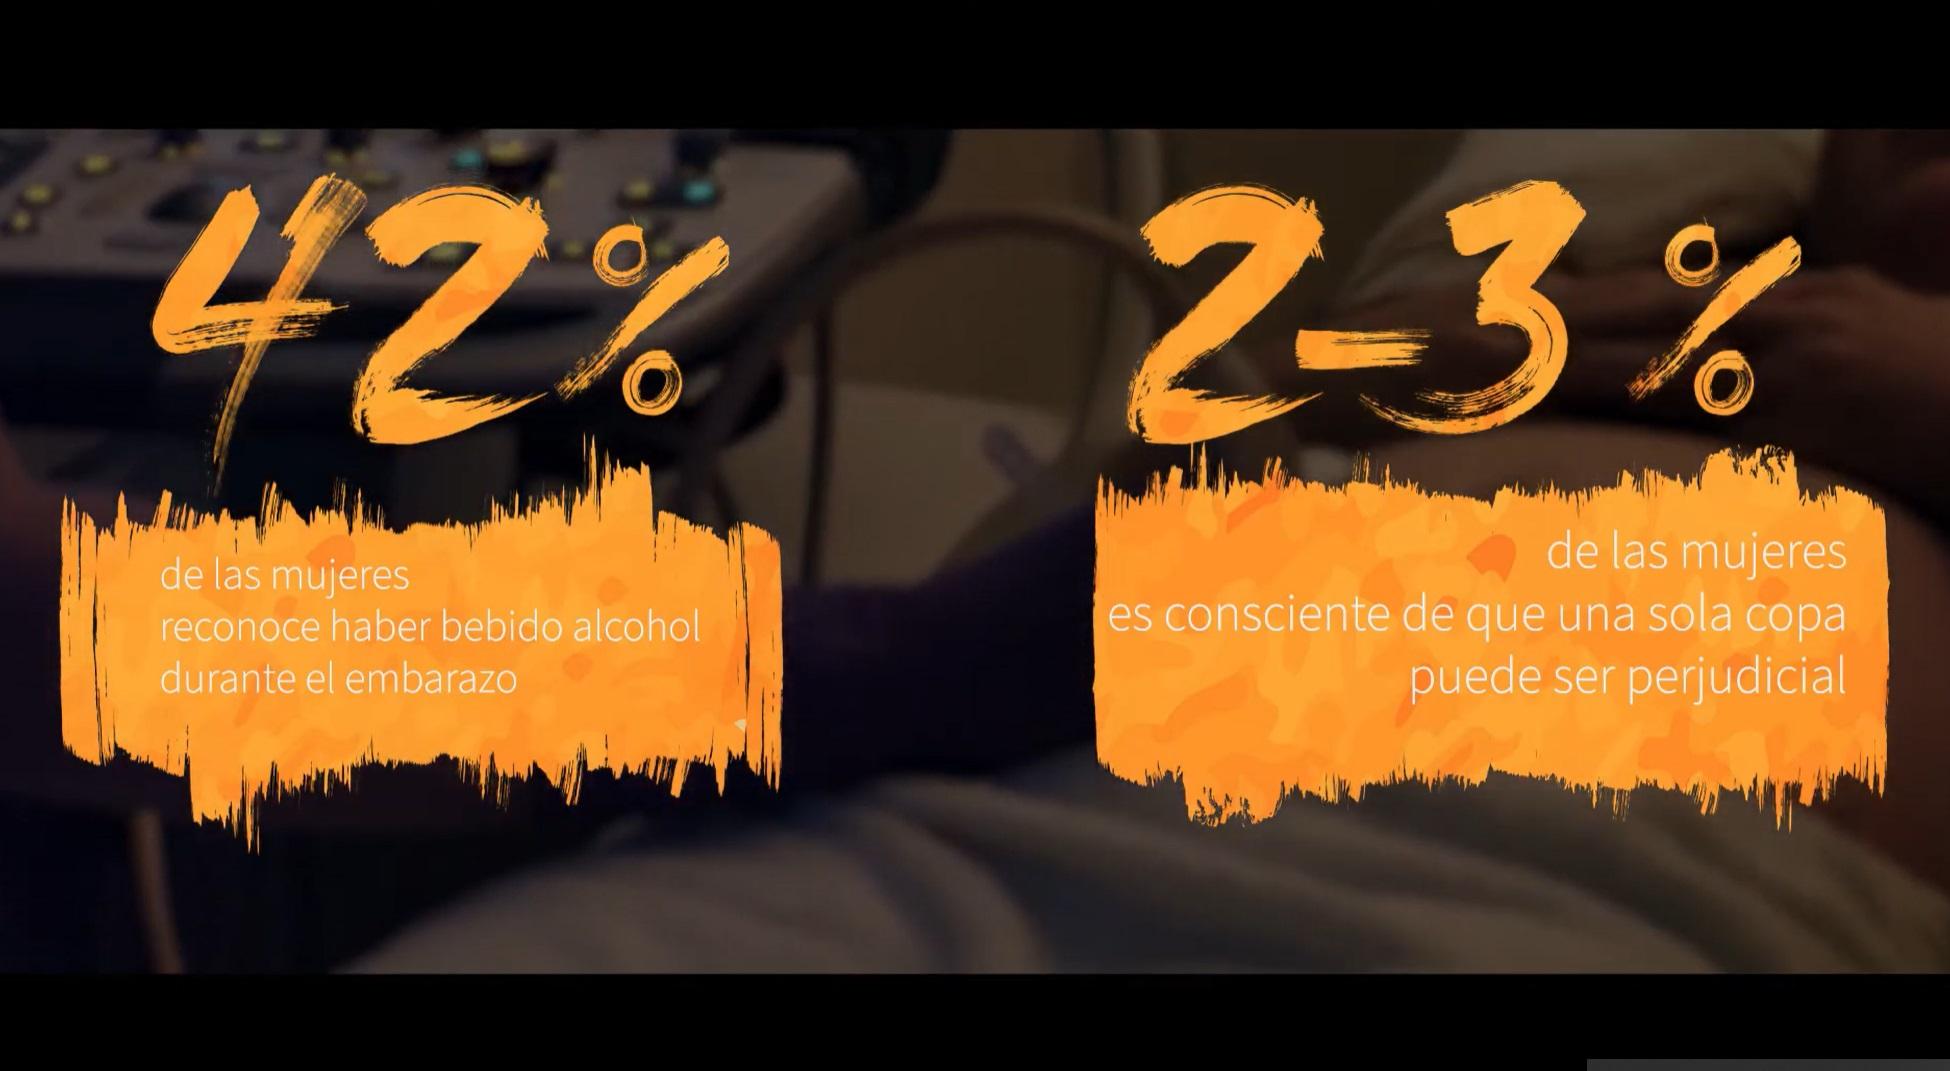 https://www.programapublicidad.com/wp-content/uploads/2020/03/elbebeloquetubebes-campaña-embarazo-lactancia-sin-bebe-tu-bebes-programapublicidad.jpg